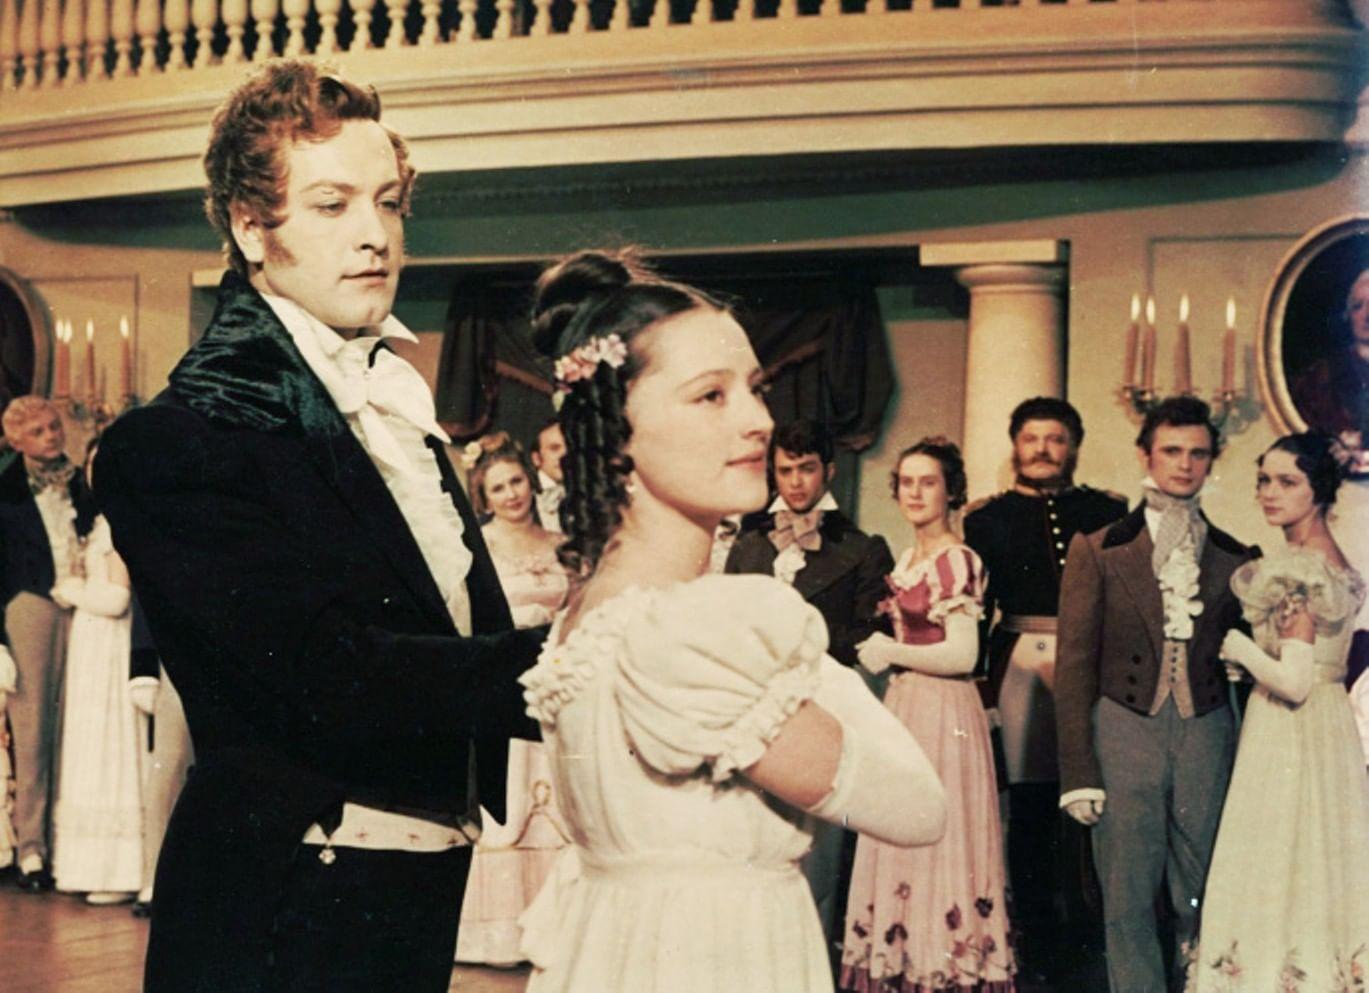 Наш ответ Джейн Остин: сестры в русской классике. Галерея 1. Пушкин